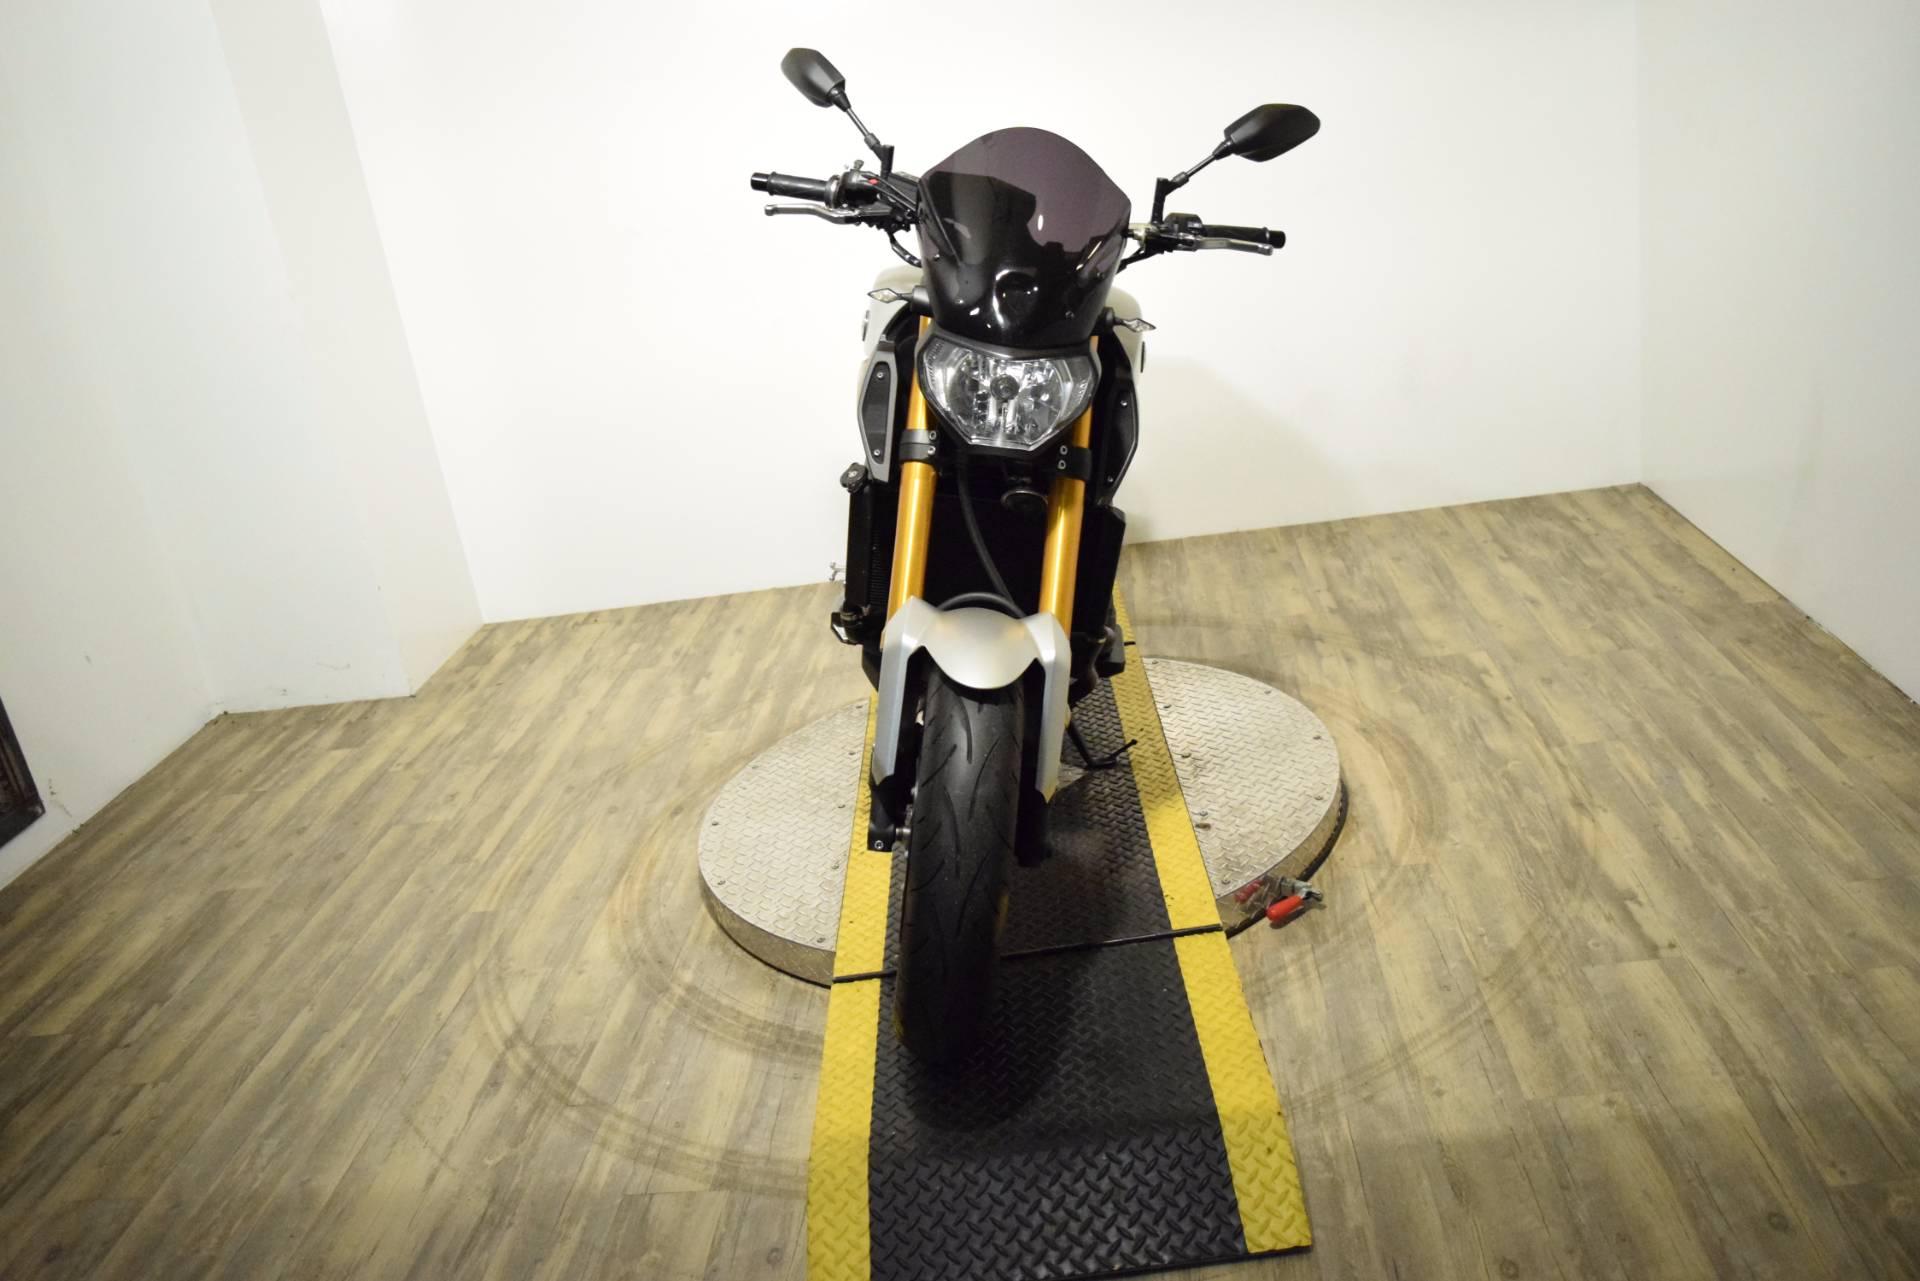 2015 Yamaha FZ-09 11